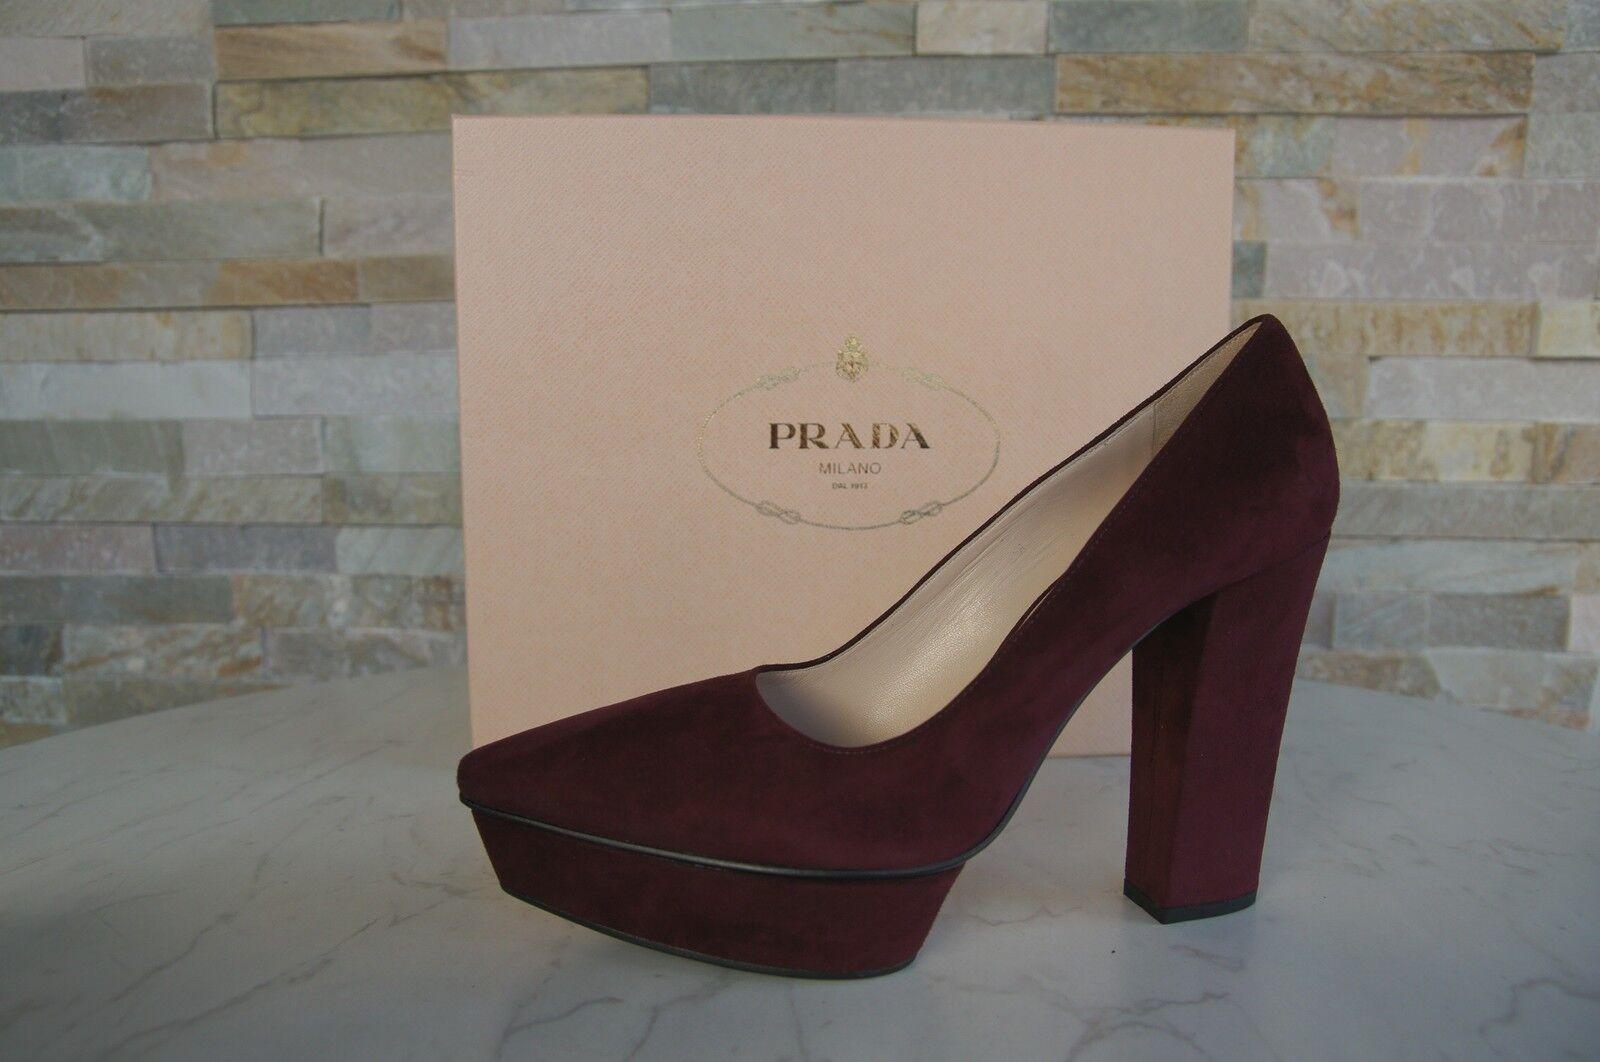 PRADA T 35,5 escarpins plateforme talons hauts Chaussures Bordeaux Rouge Nouveau EX Prix Recommandé